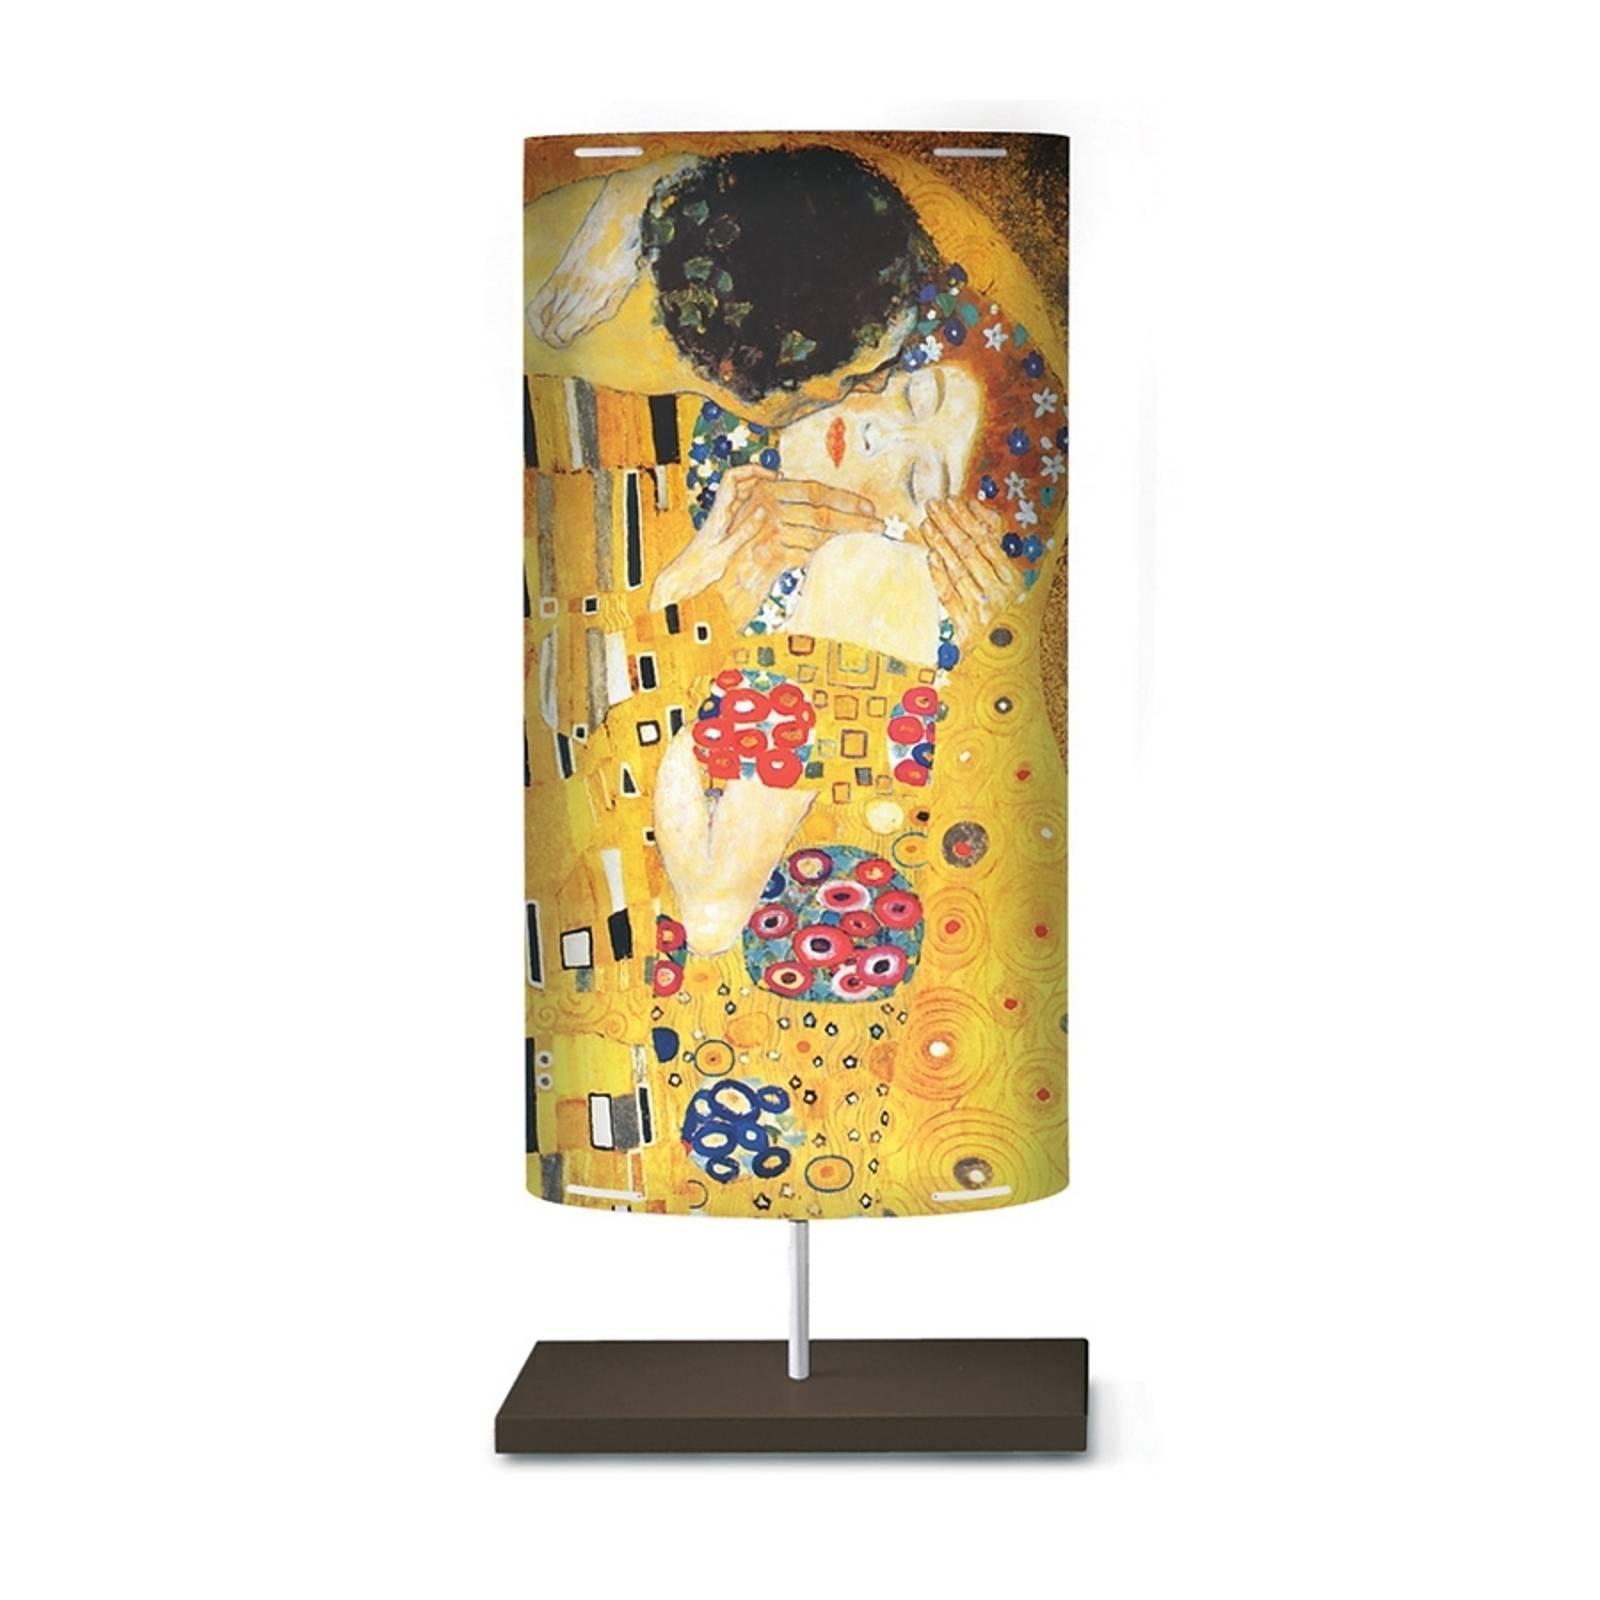 Taidekuviointi Klimt III -lattiavalaisimessa